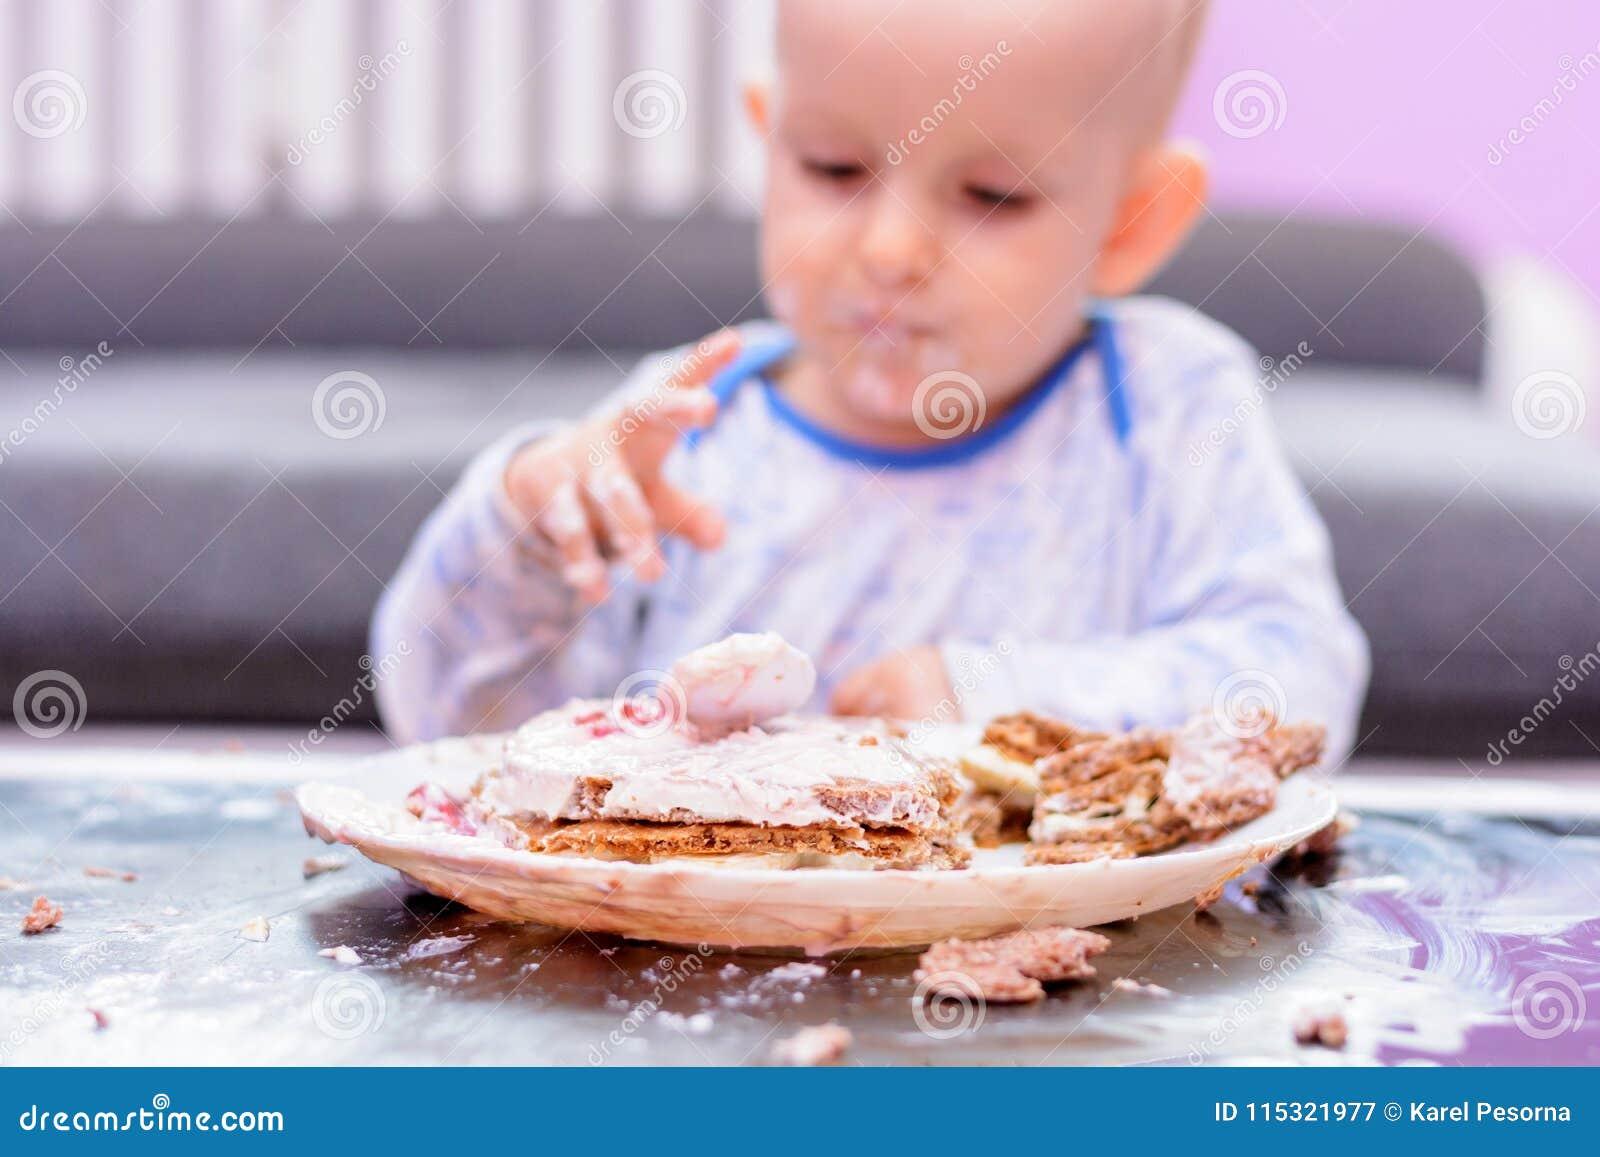 Маленький именниный пирог огромного успеха младенца с ложкой, с днем рождения